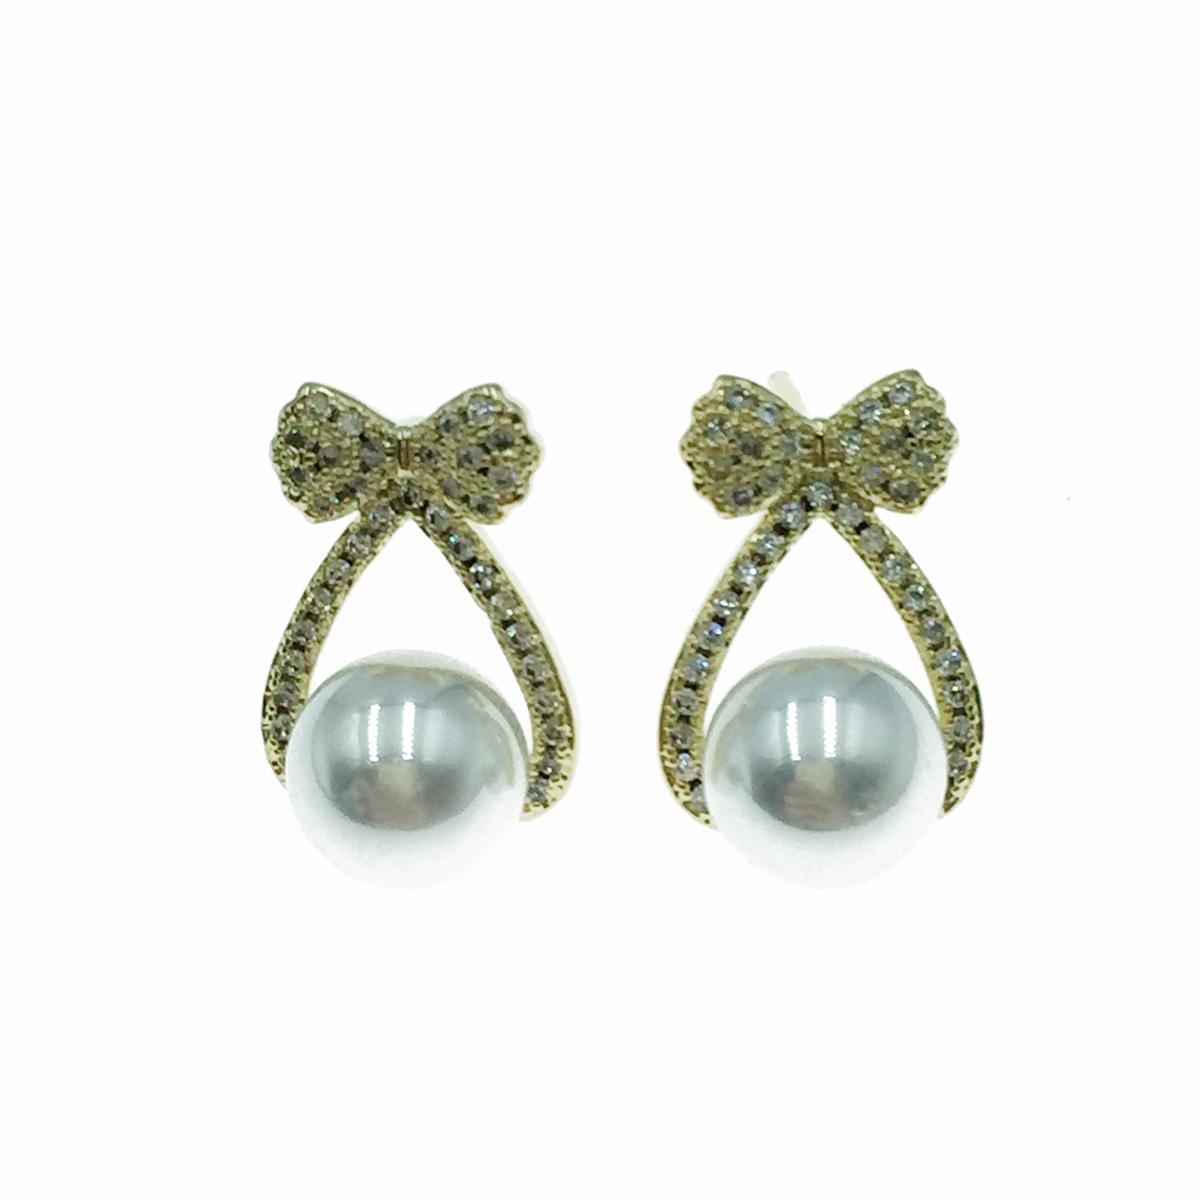 韓國 925純銀 蝴蝶結水鑽 珍珠 甜美 耳針式耳環